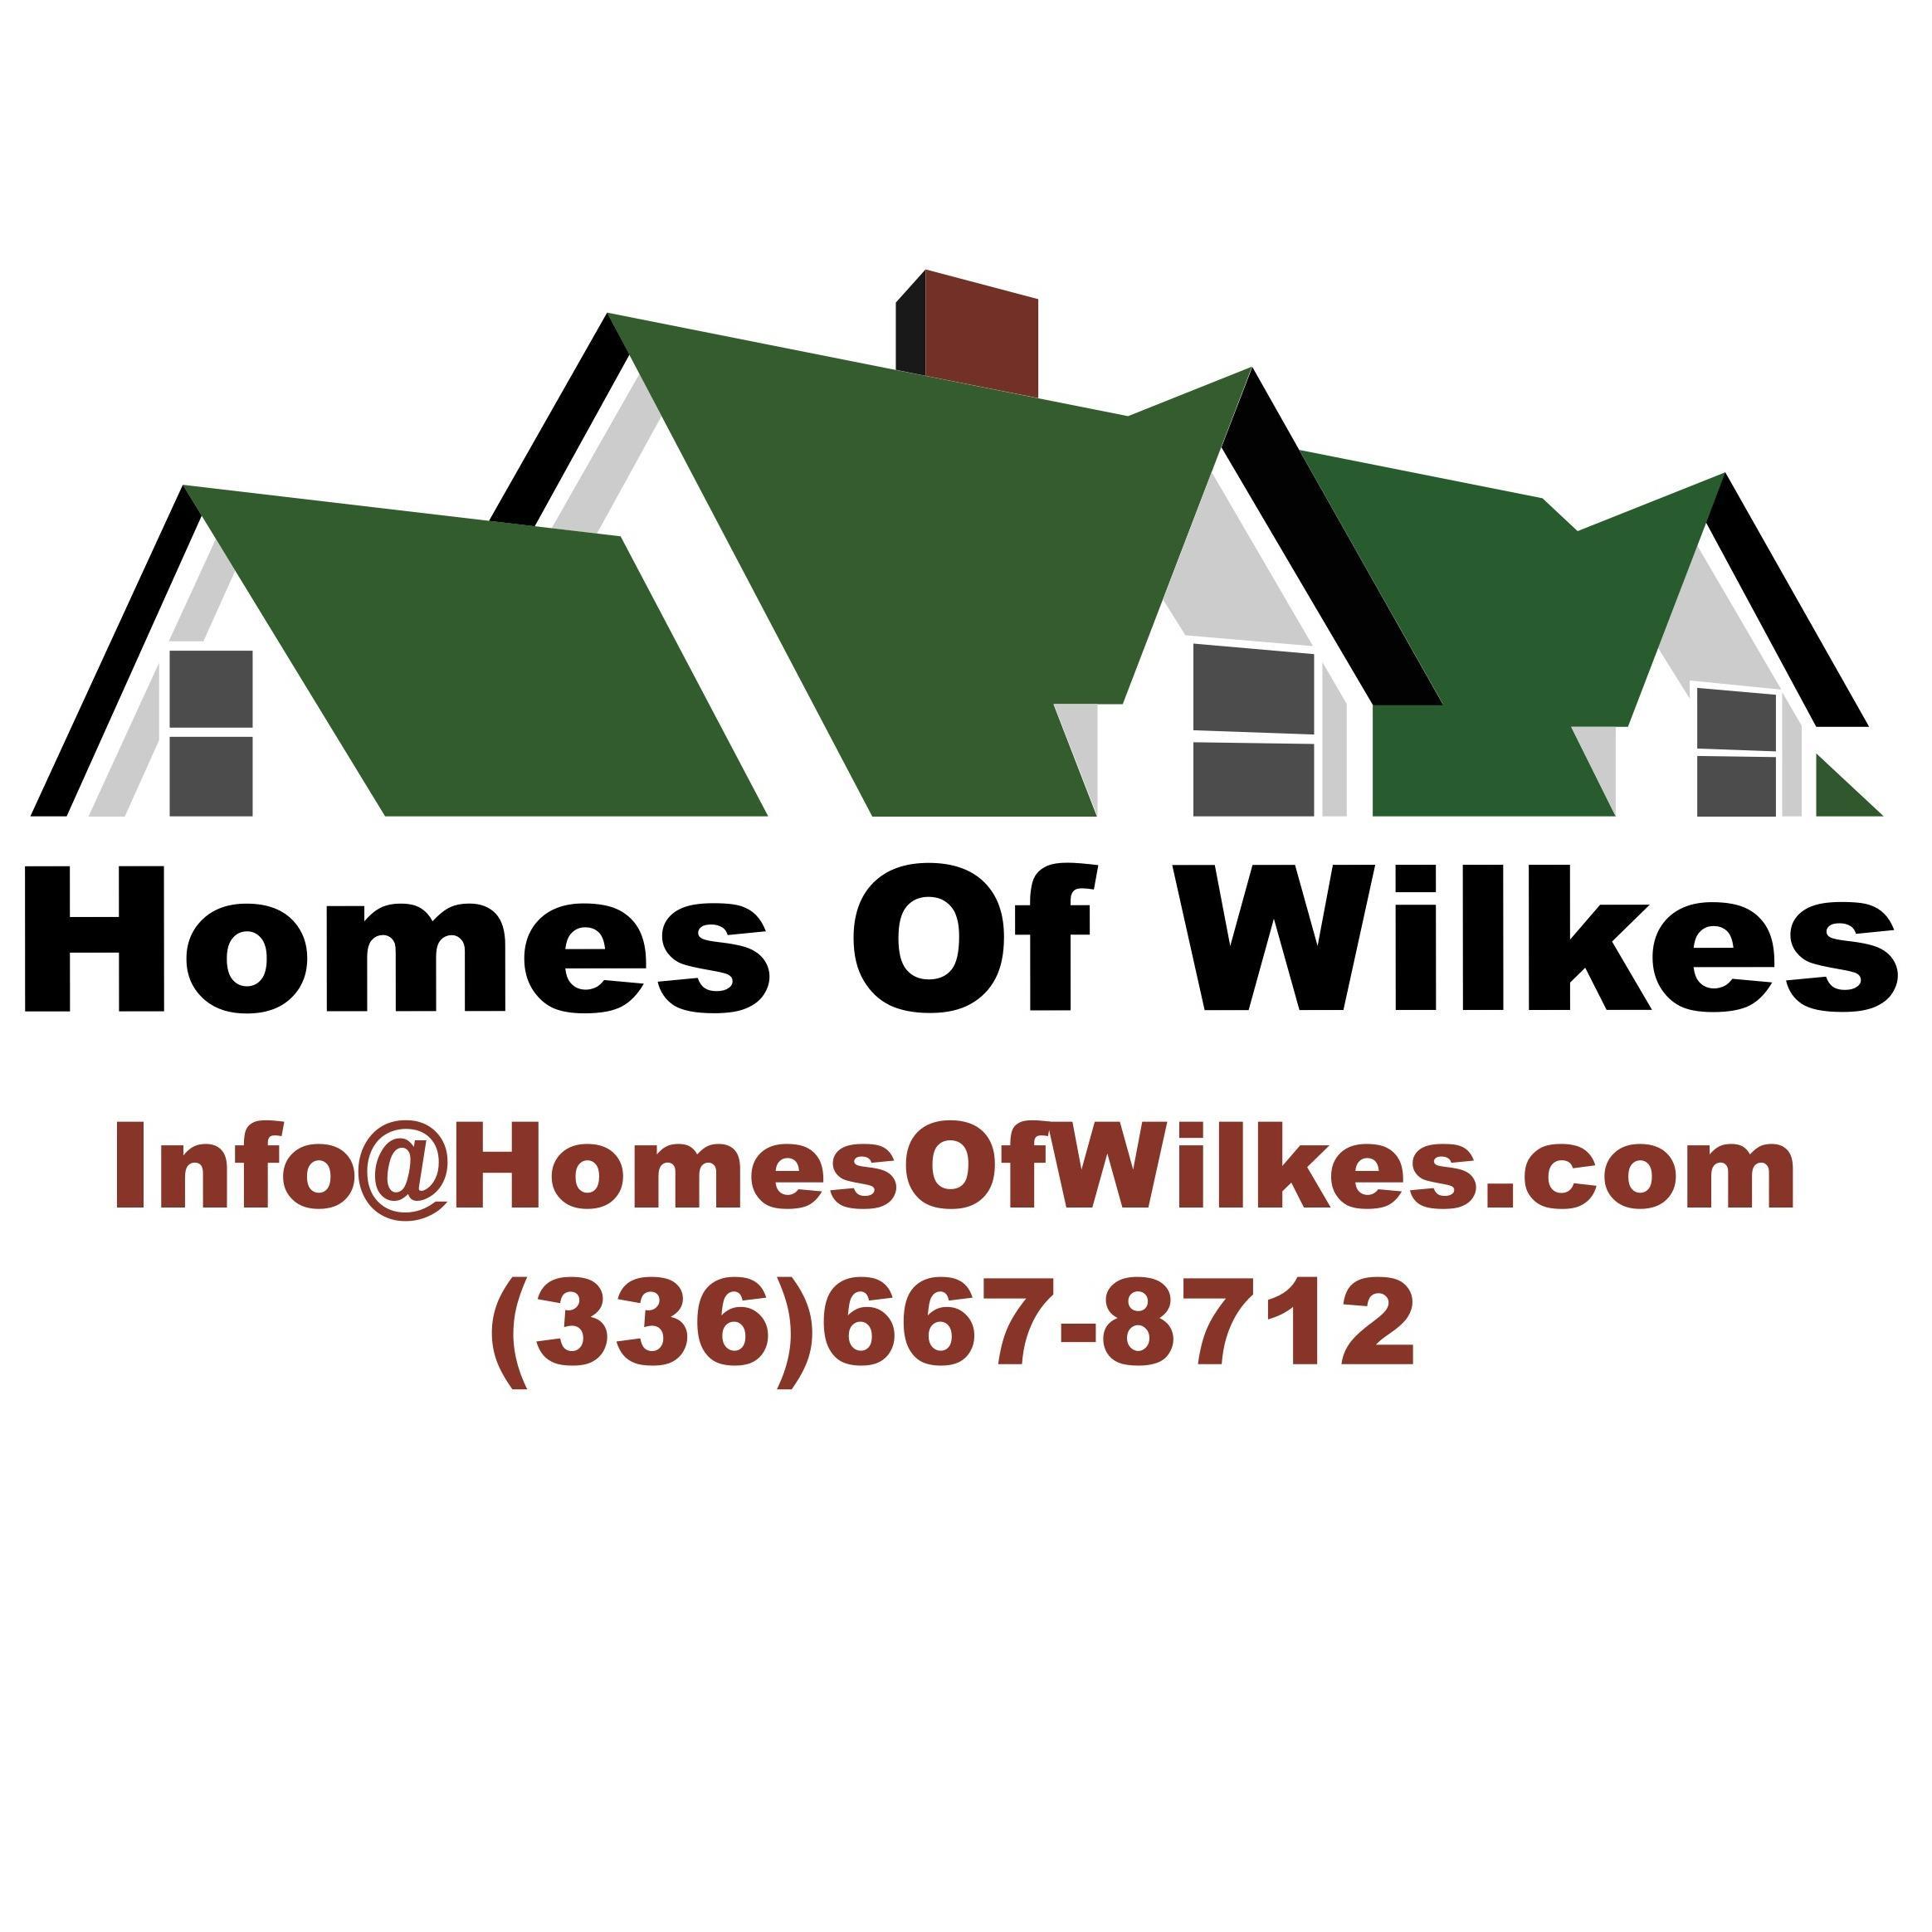 Homes of Wilkes